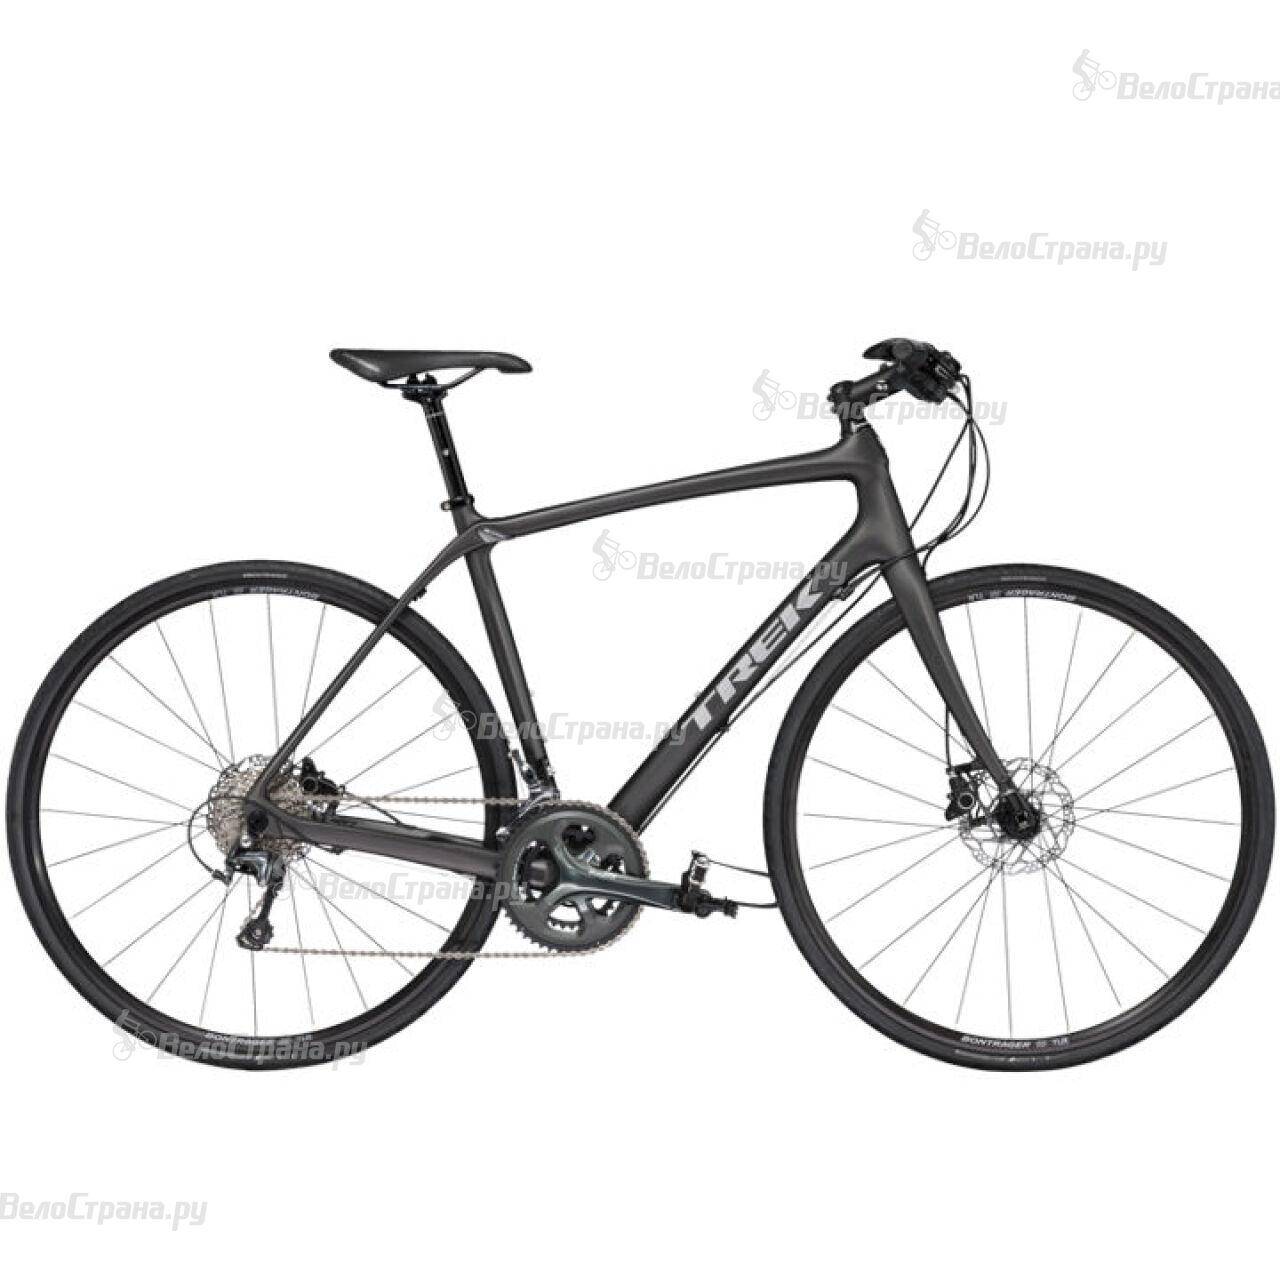 Велосипед Trek FX S 5 (2017) велосипед scott contessa speedster 35 2017